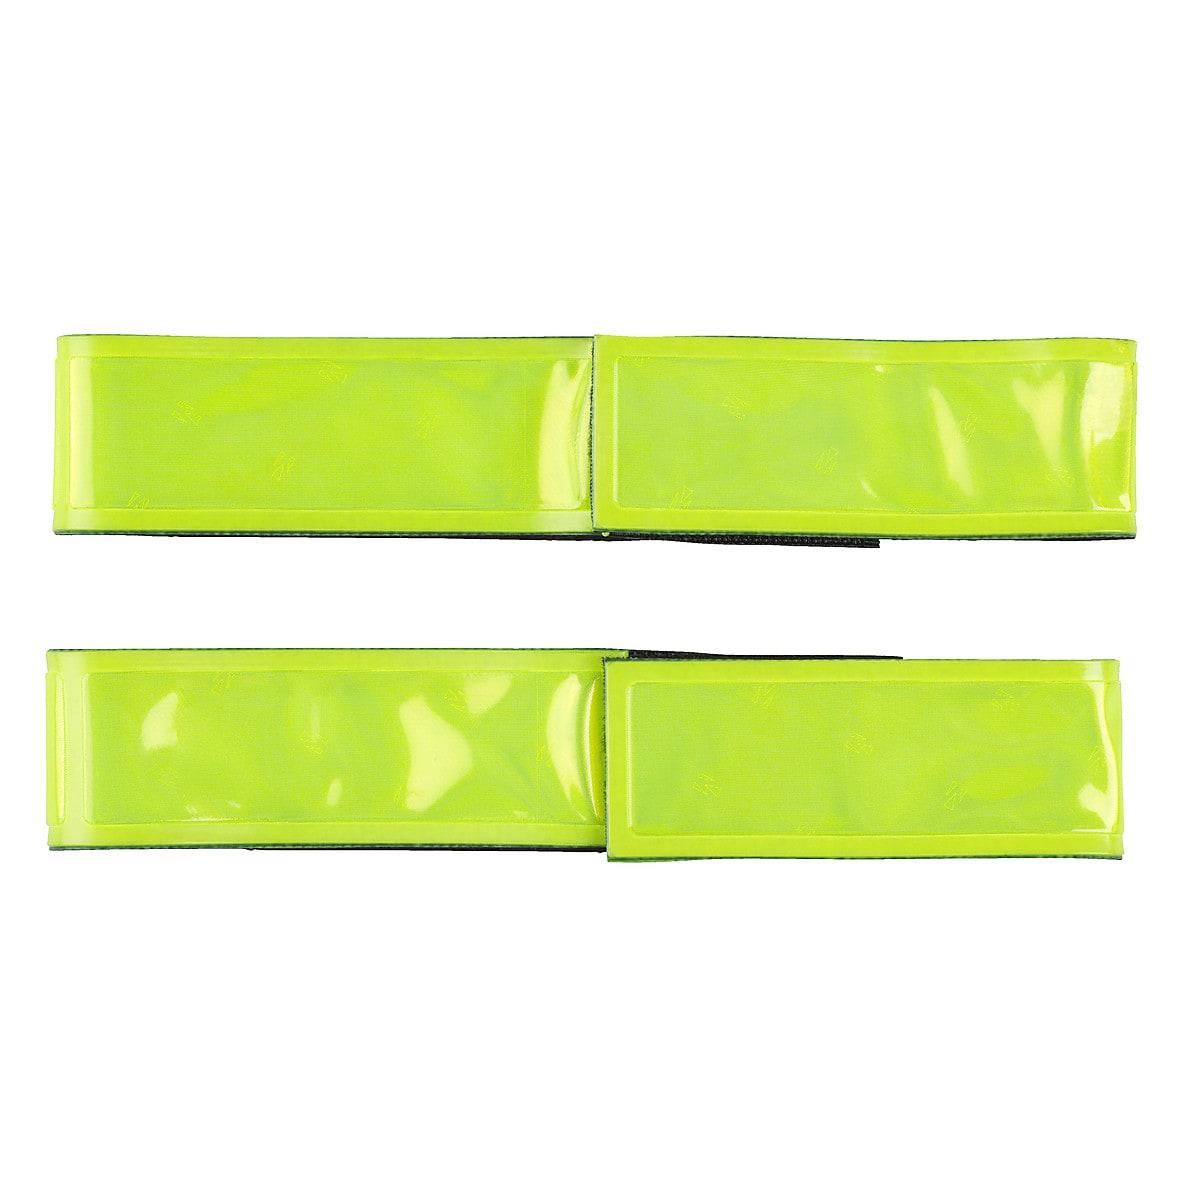 Reflexband Asaklitt, 2-pack